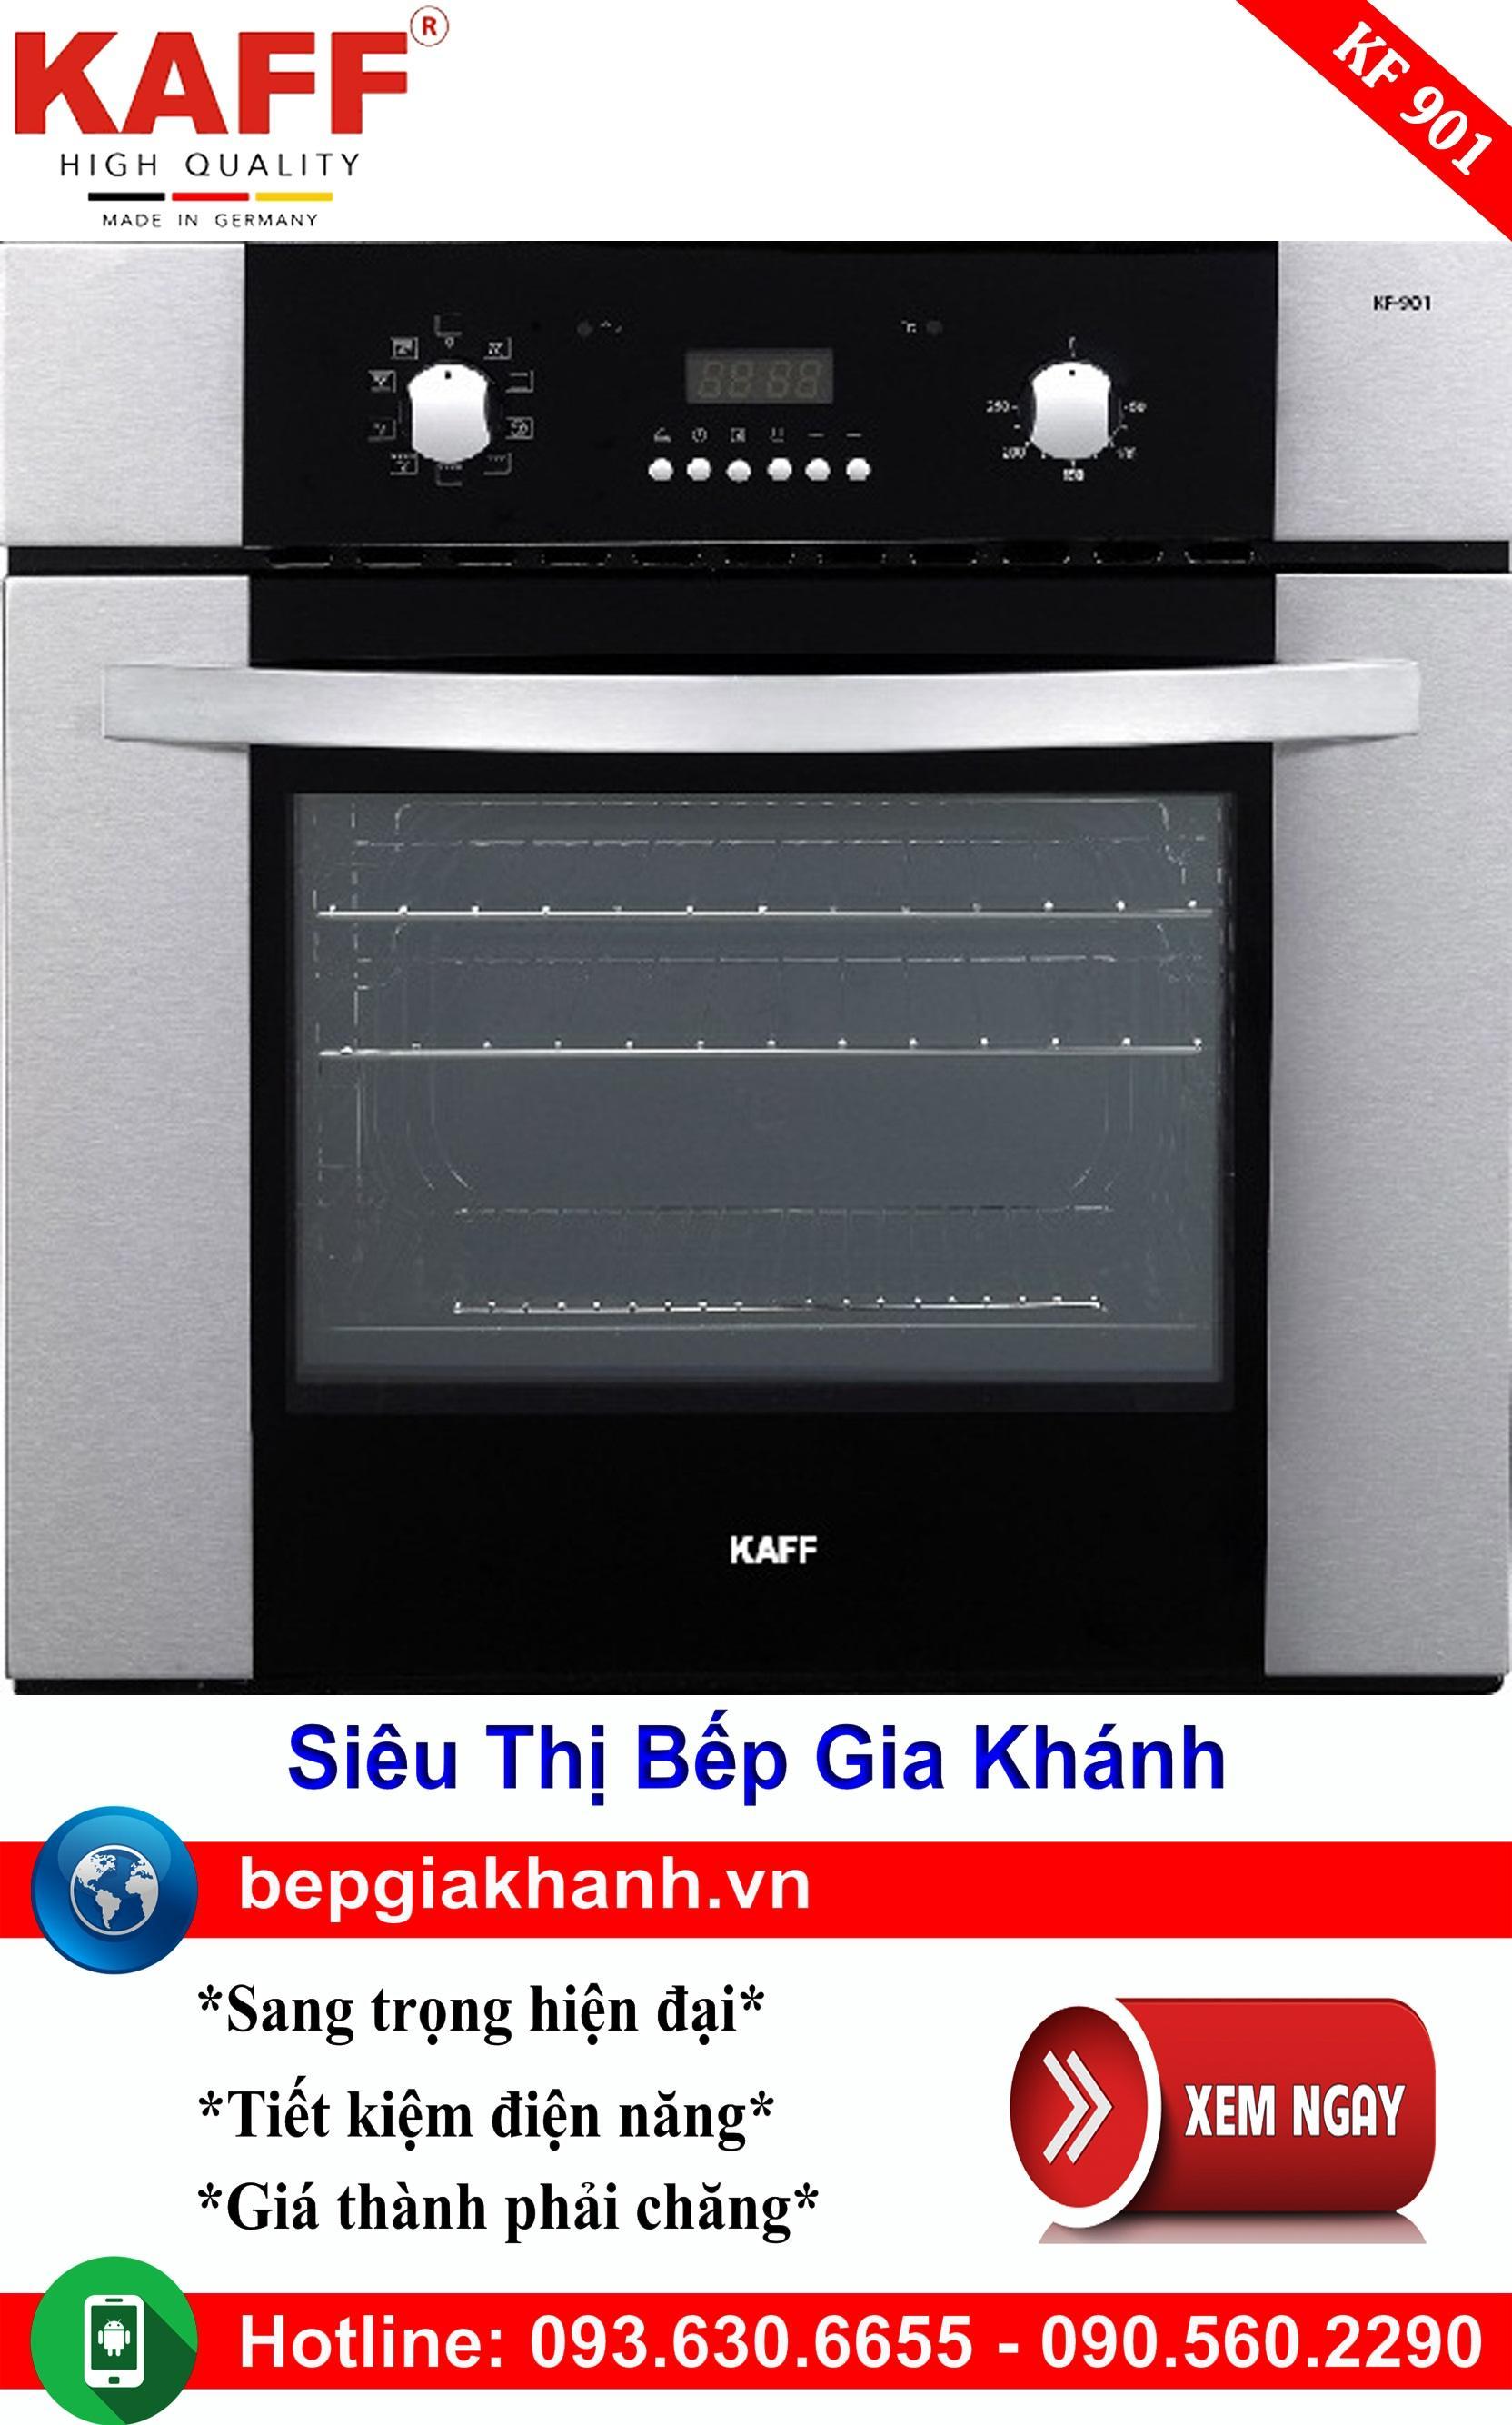 Lò nướng điện đa năng Kaff KF 901, lò nướng điện, lò nướng bánh, lò nướng thủy tinh, lò nướng bánh mì, lò nướng bánh bông lan